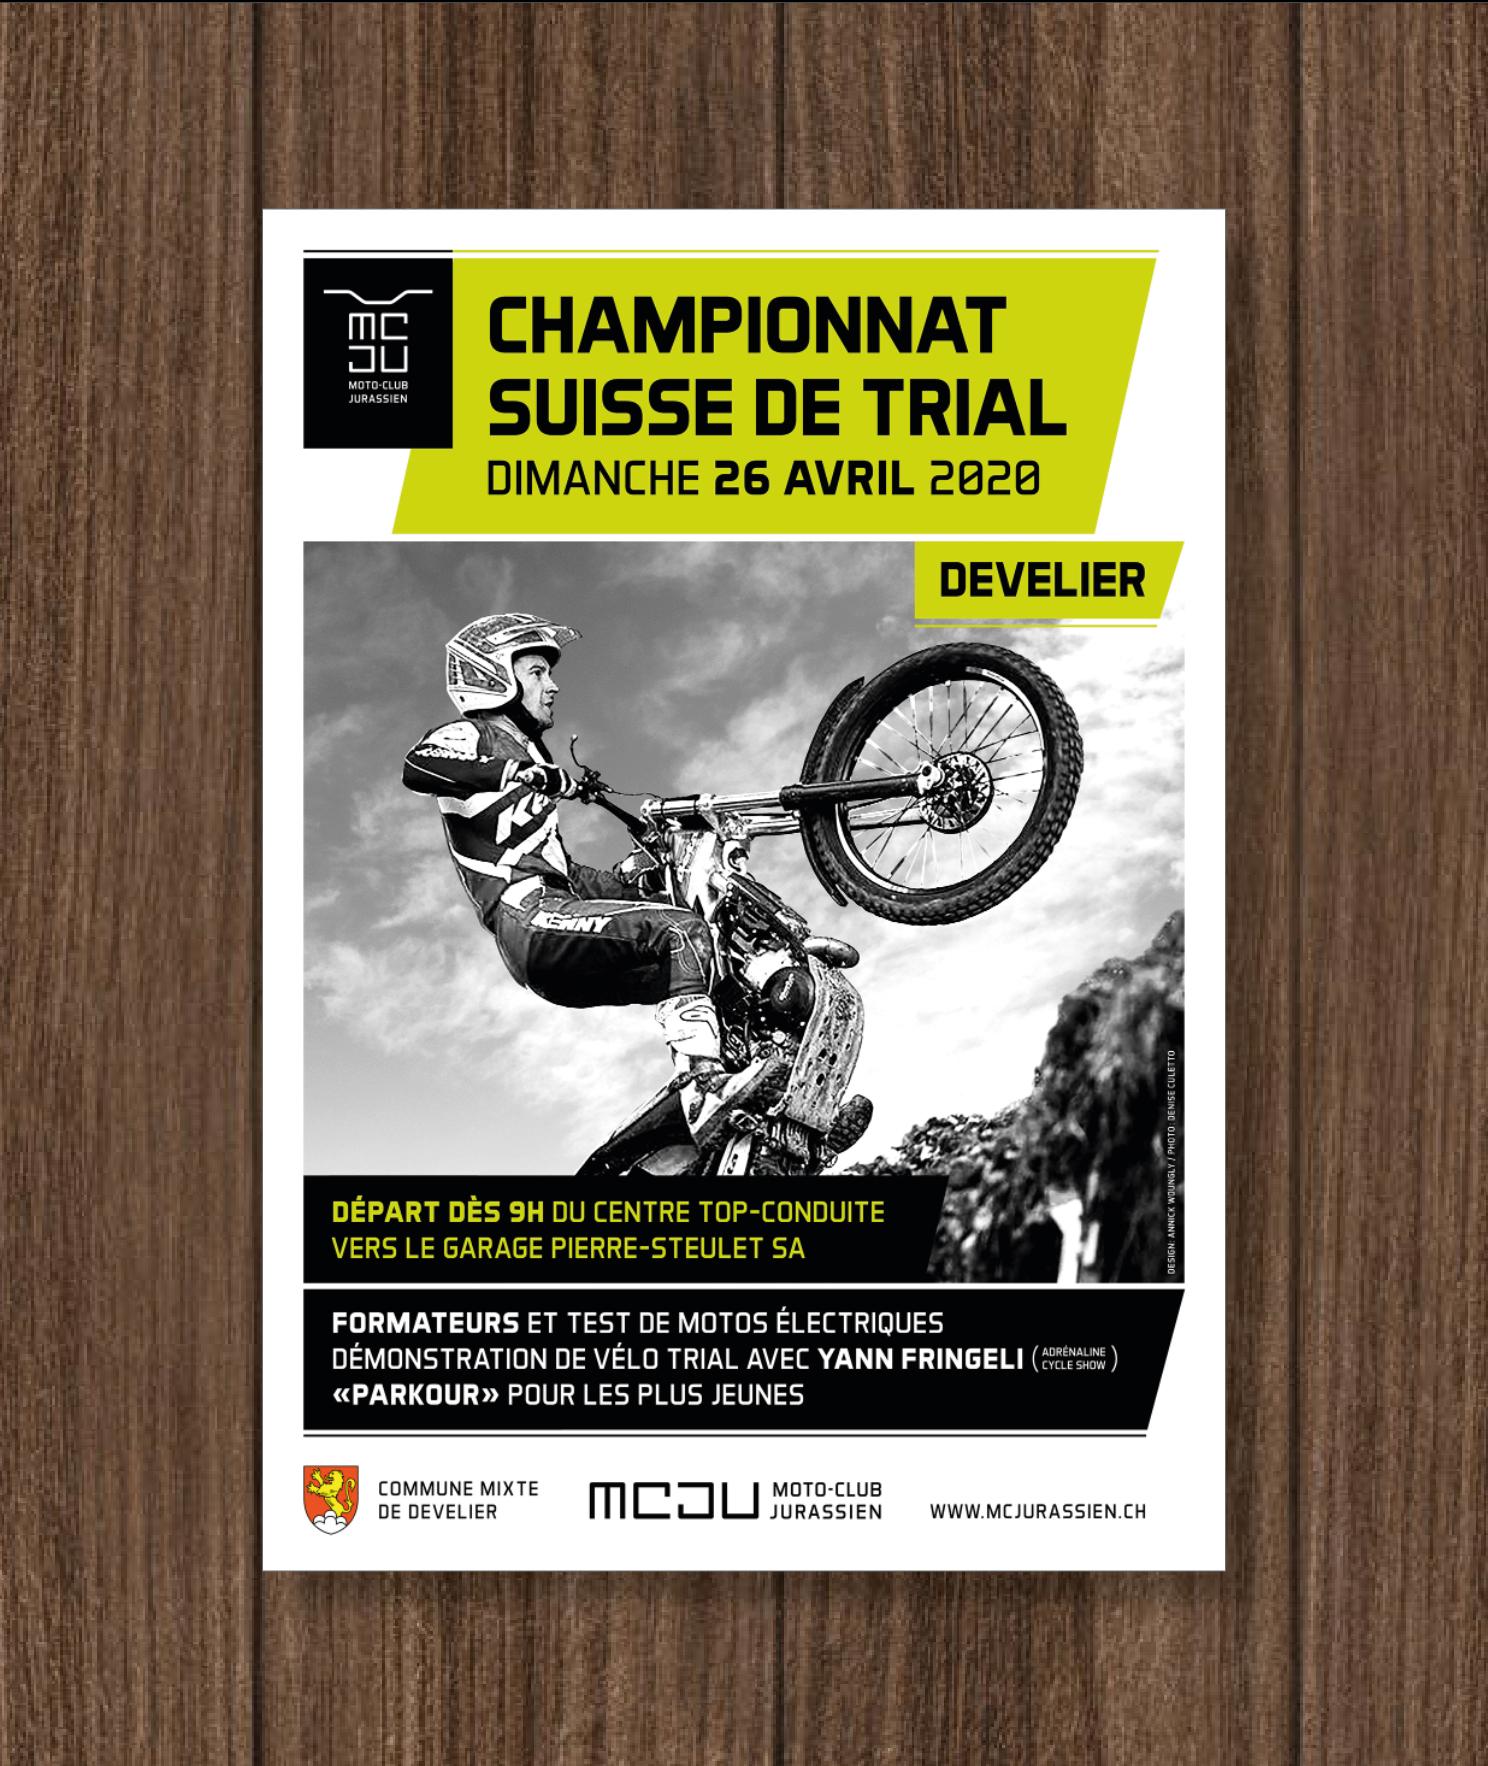 Concept d'affiche pour le Moto Club Jurassien. Championnat suisse de trial.